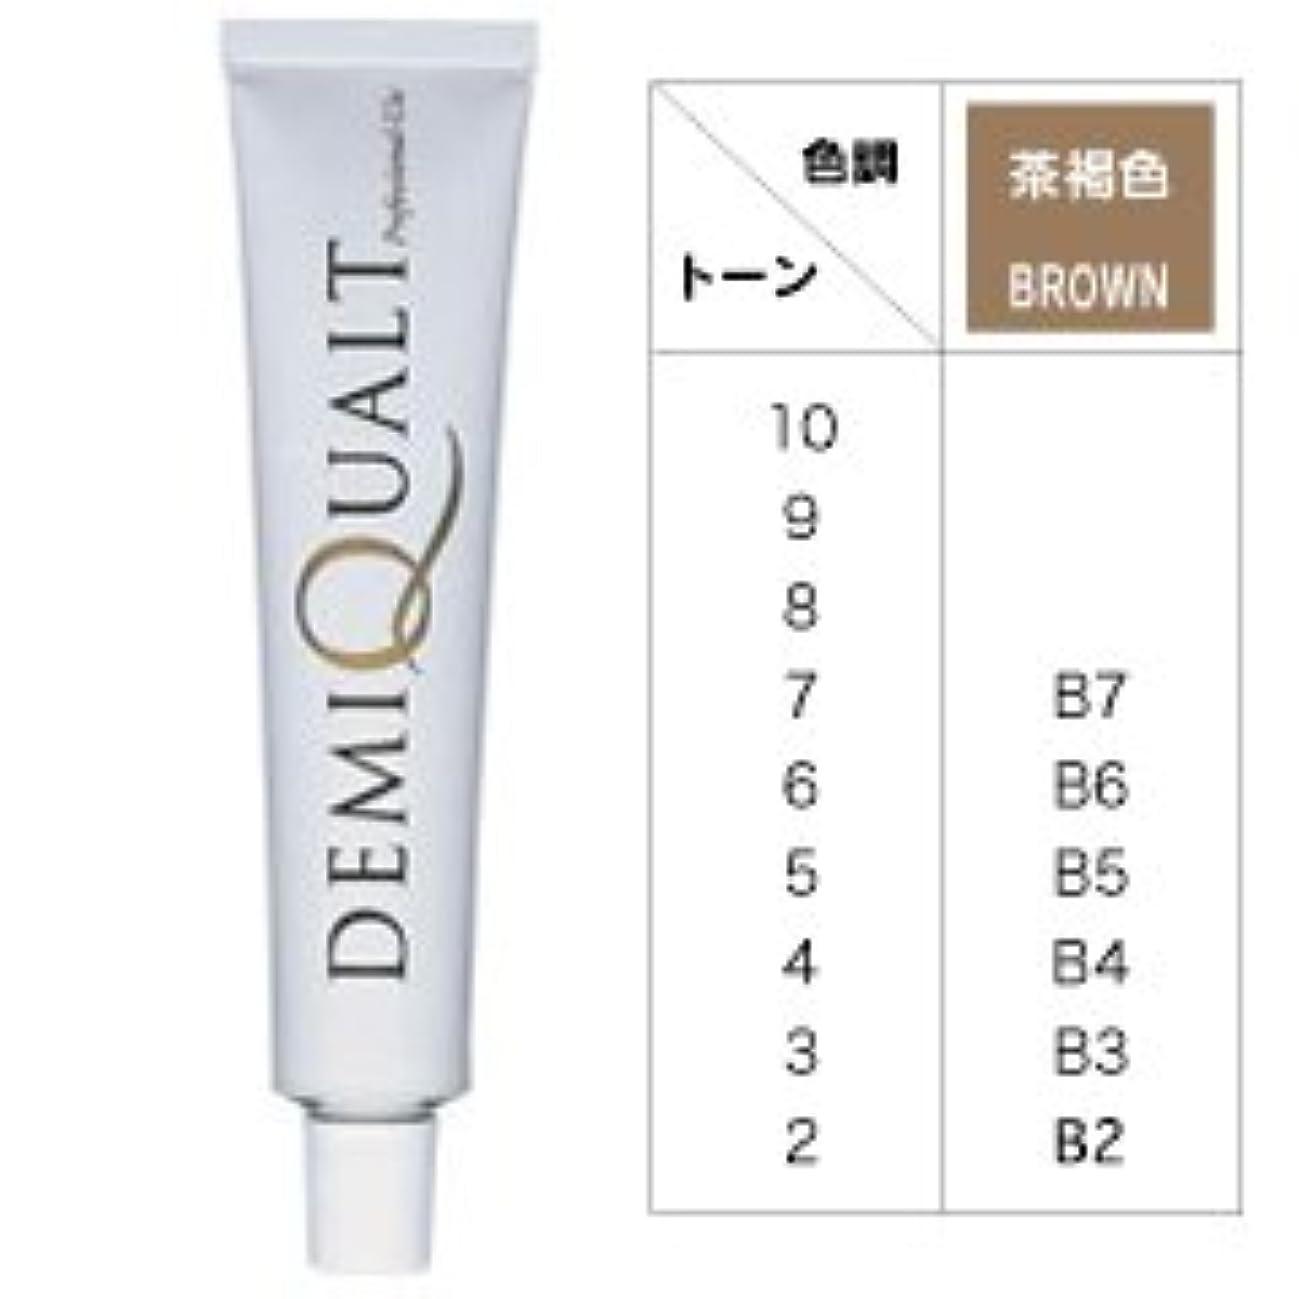 博覧会胸スラッシュ【デミコスメティクス】デミ クオルトカラー #B6 60g